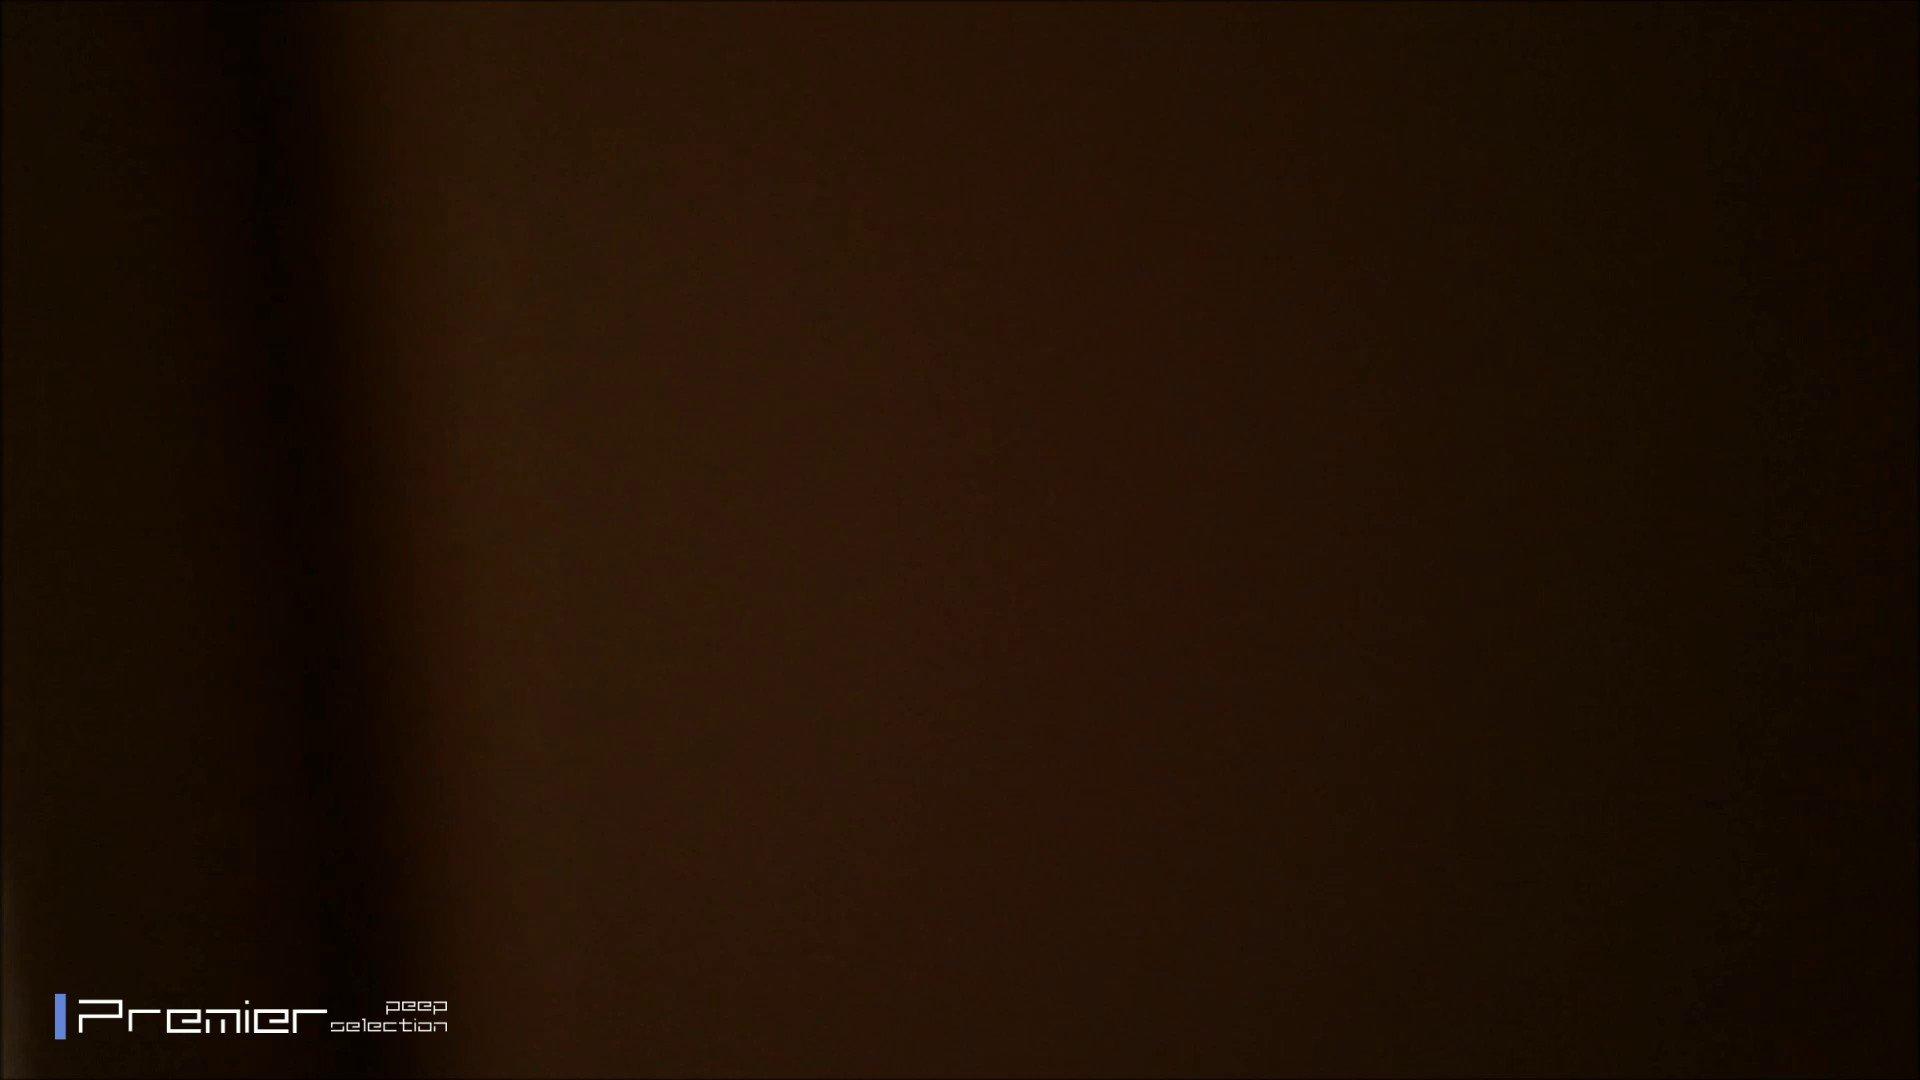 シャワーのお湯を跳ね返すお肌 乙女の風呂場 Vol.03 美肌 性交動画流出 108枚 101